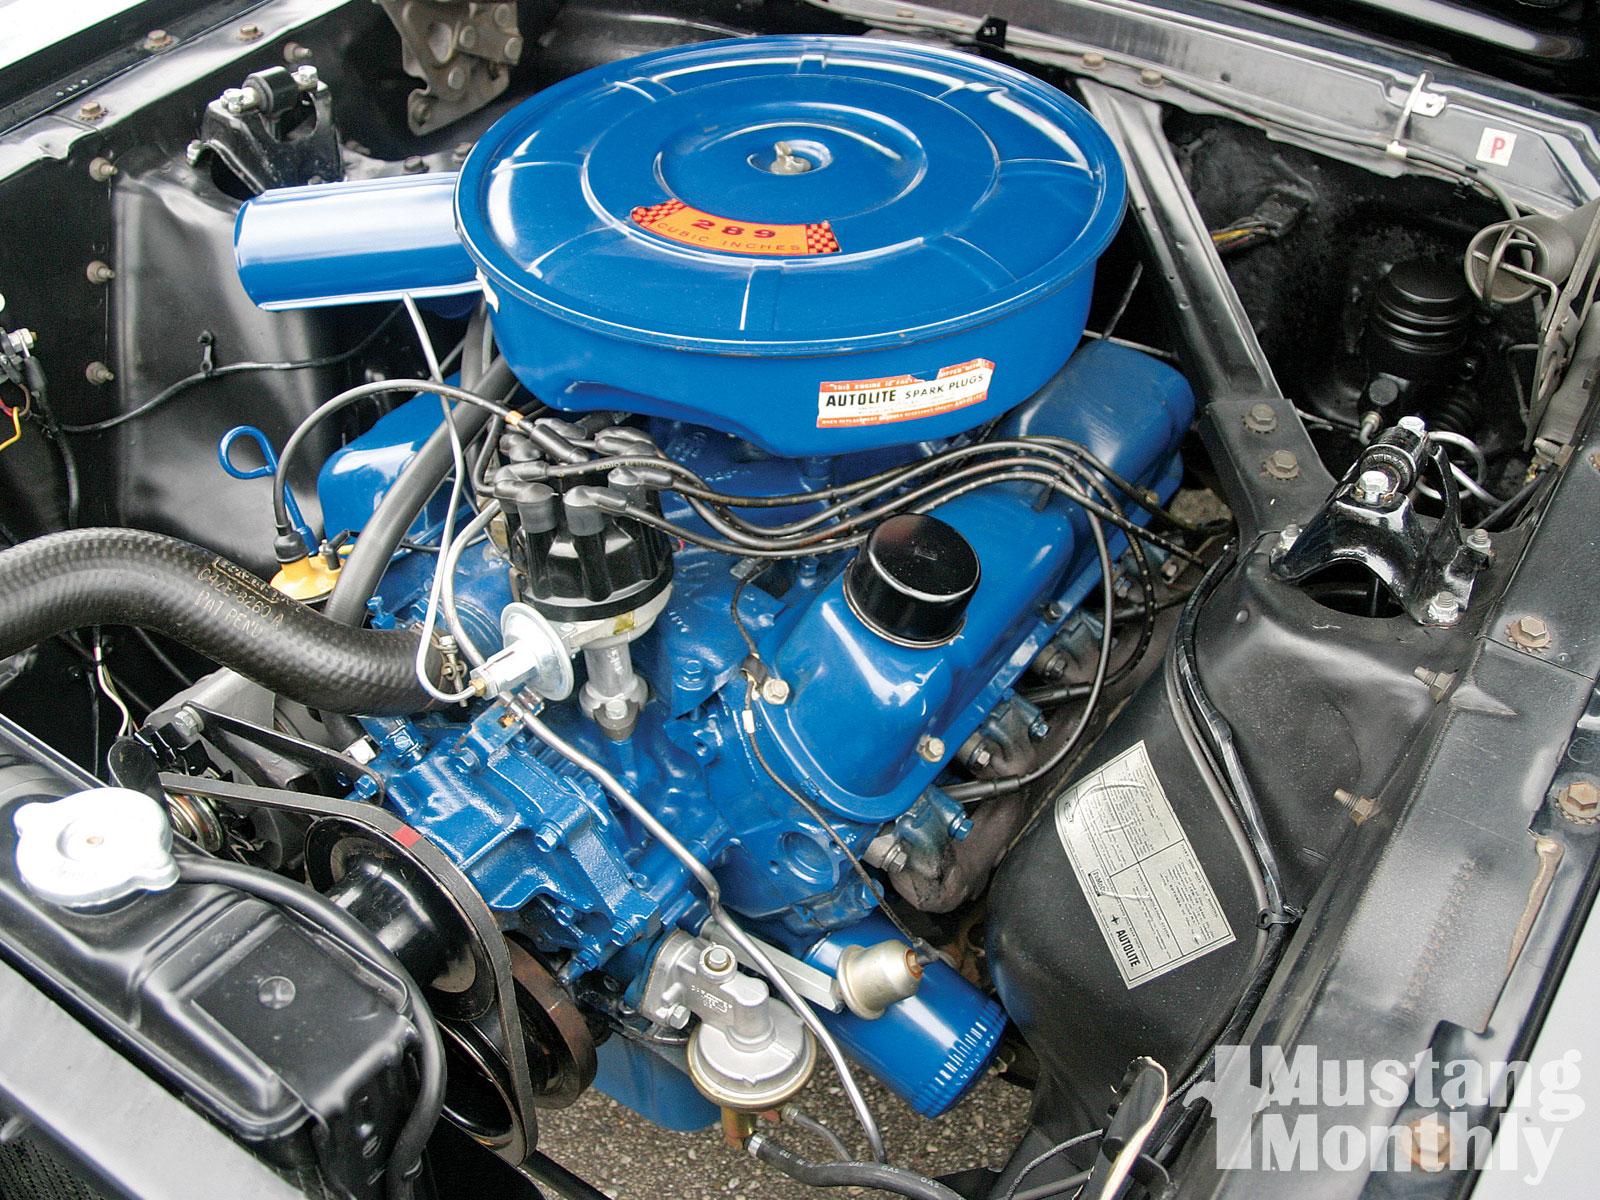 Statt dem Gold vom 64½ Modell kommt ab dem 65er Modell das typische Ford-Blau zum Einsatz.